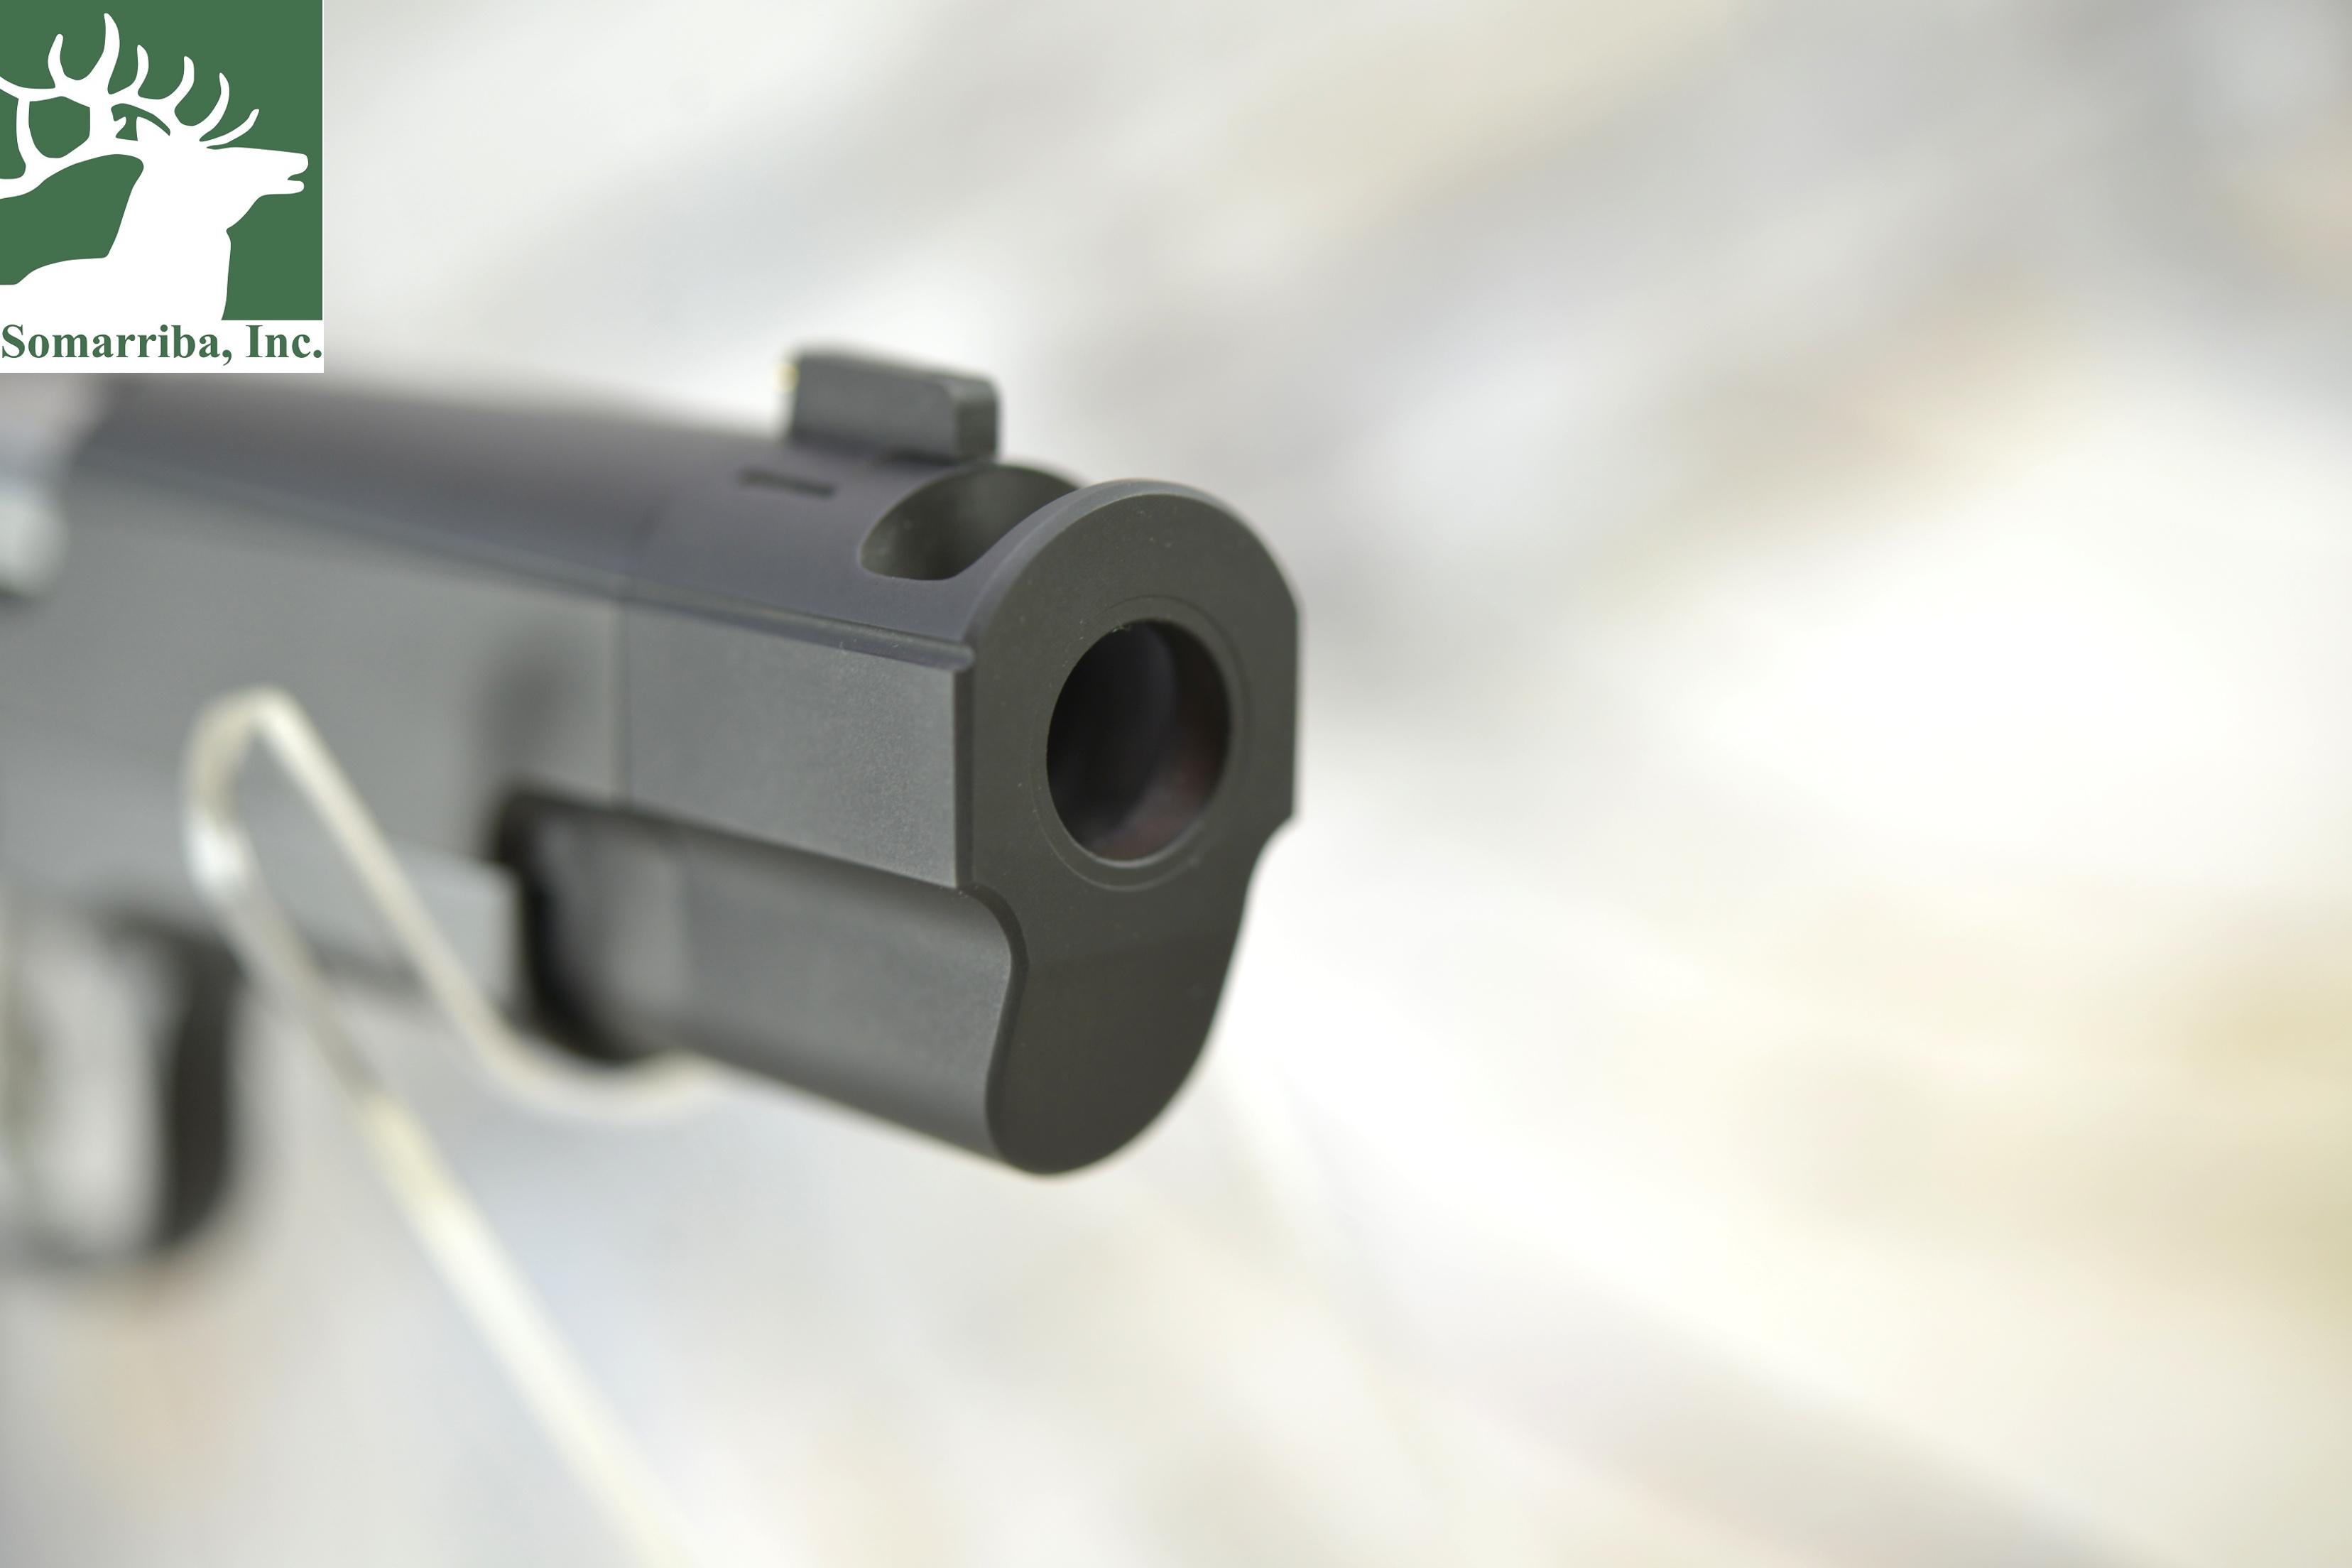 Pistol Review: Nighthawk Custom's Fire Hawk - First in the